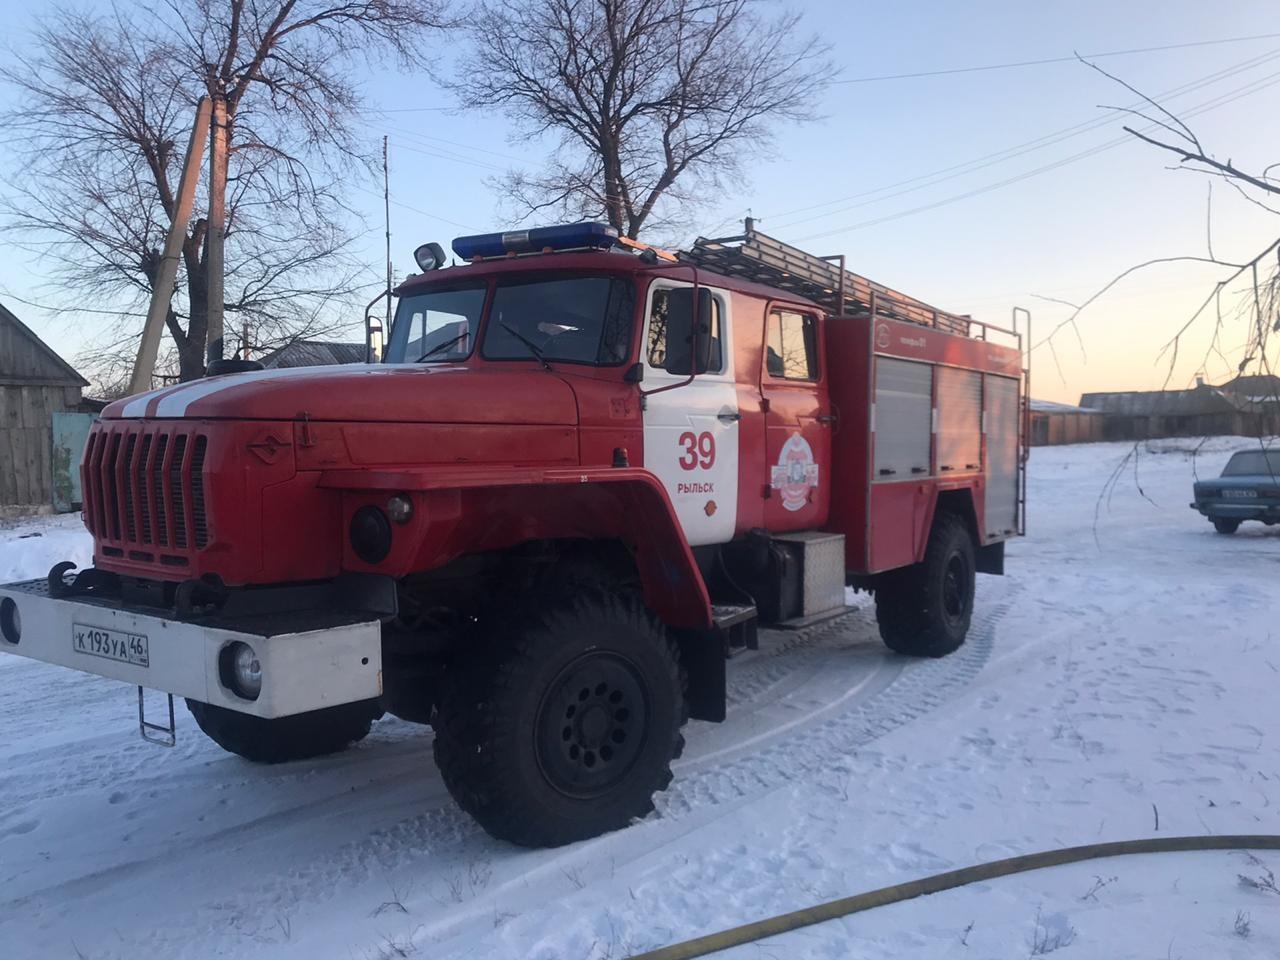 Пожар в с. Октябрьское Рыльского района